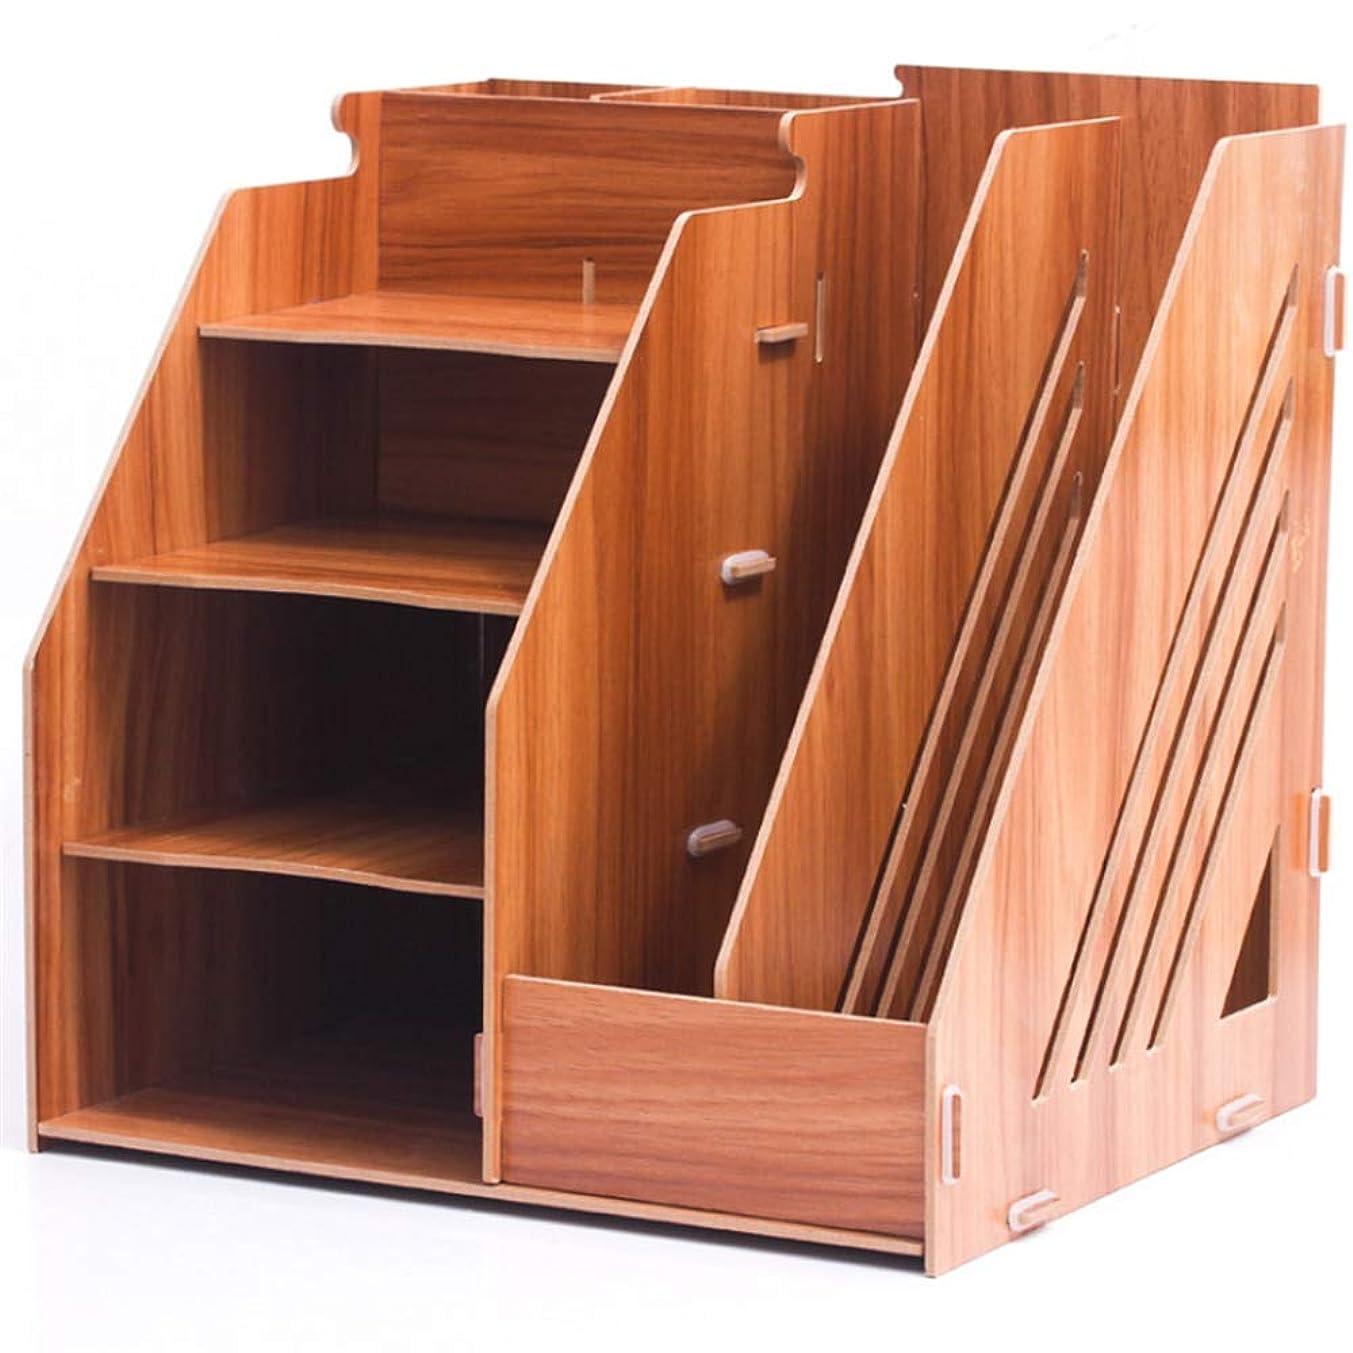 最近トムオードリース抽出本立て 木製ブック引き出しクリエイティブ本棚文具シェルフオフィスデスクトップストレージバスケットボックス用品スタンド ファイルシェルフ (Color : Brown, Size : One size)